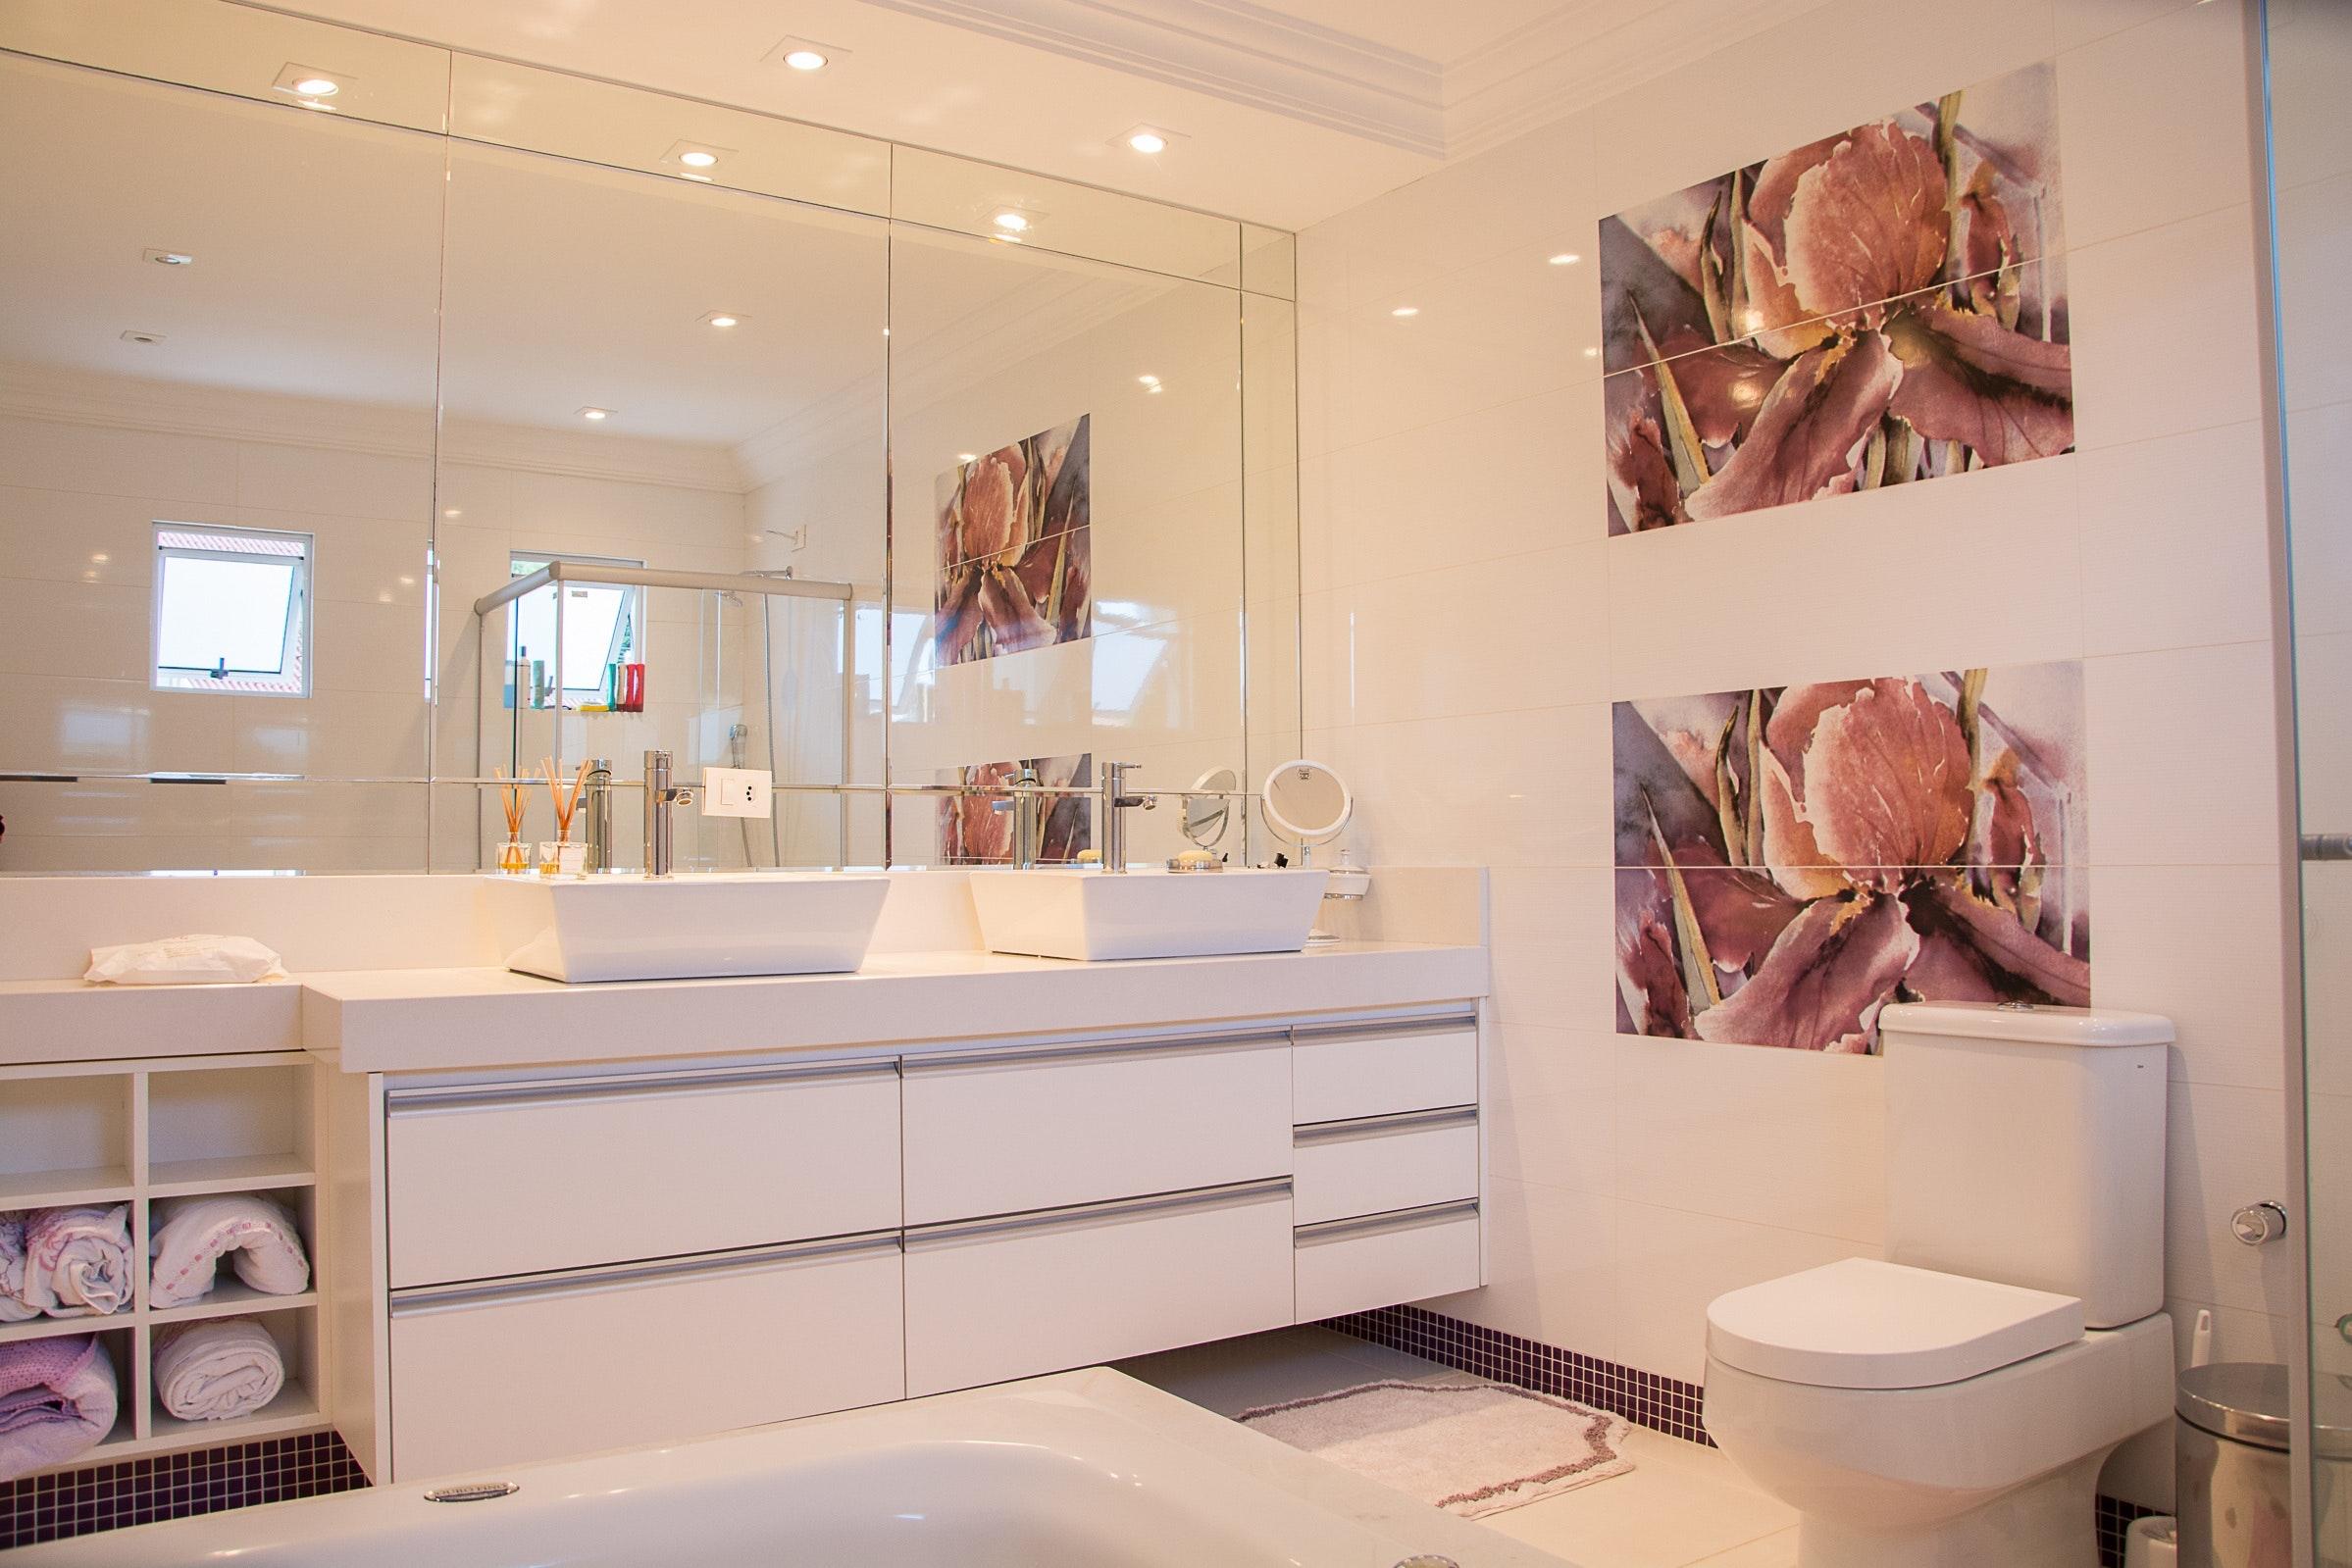 Mirrors are bathroom essentials